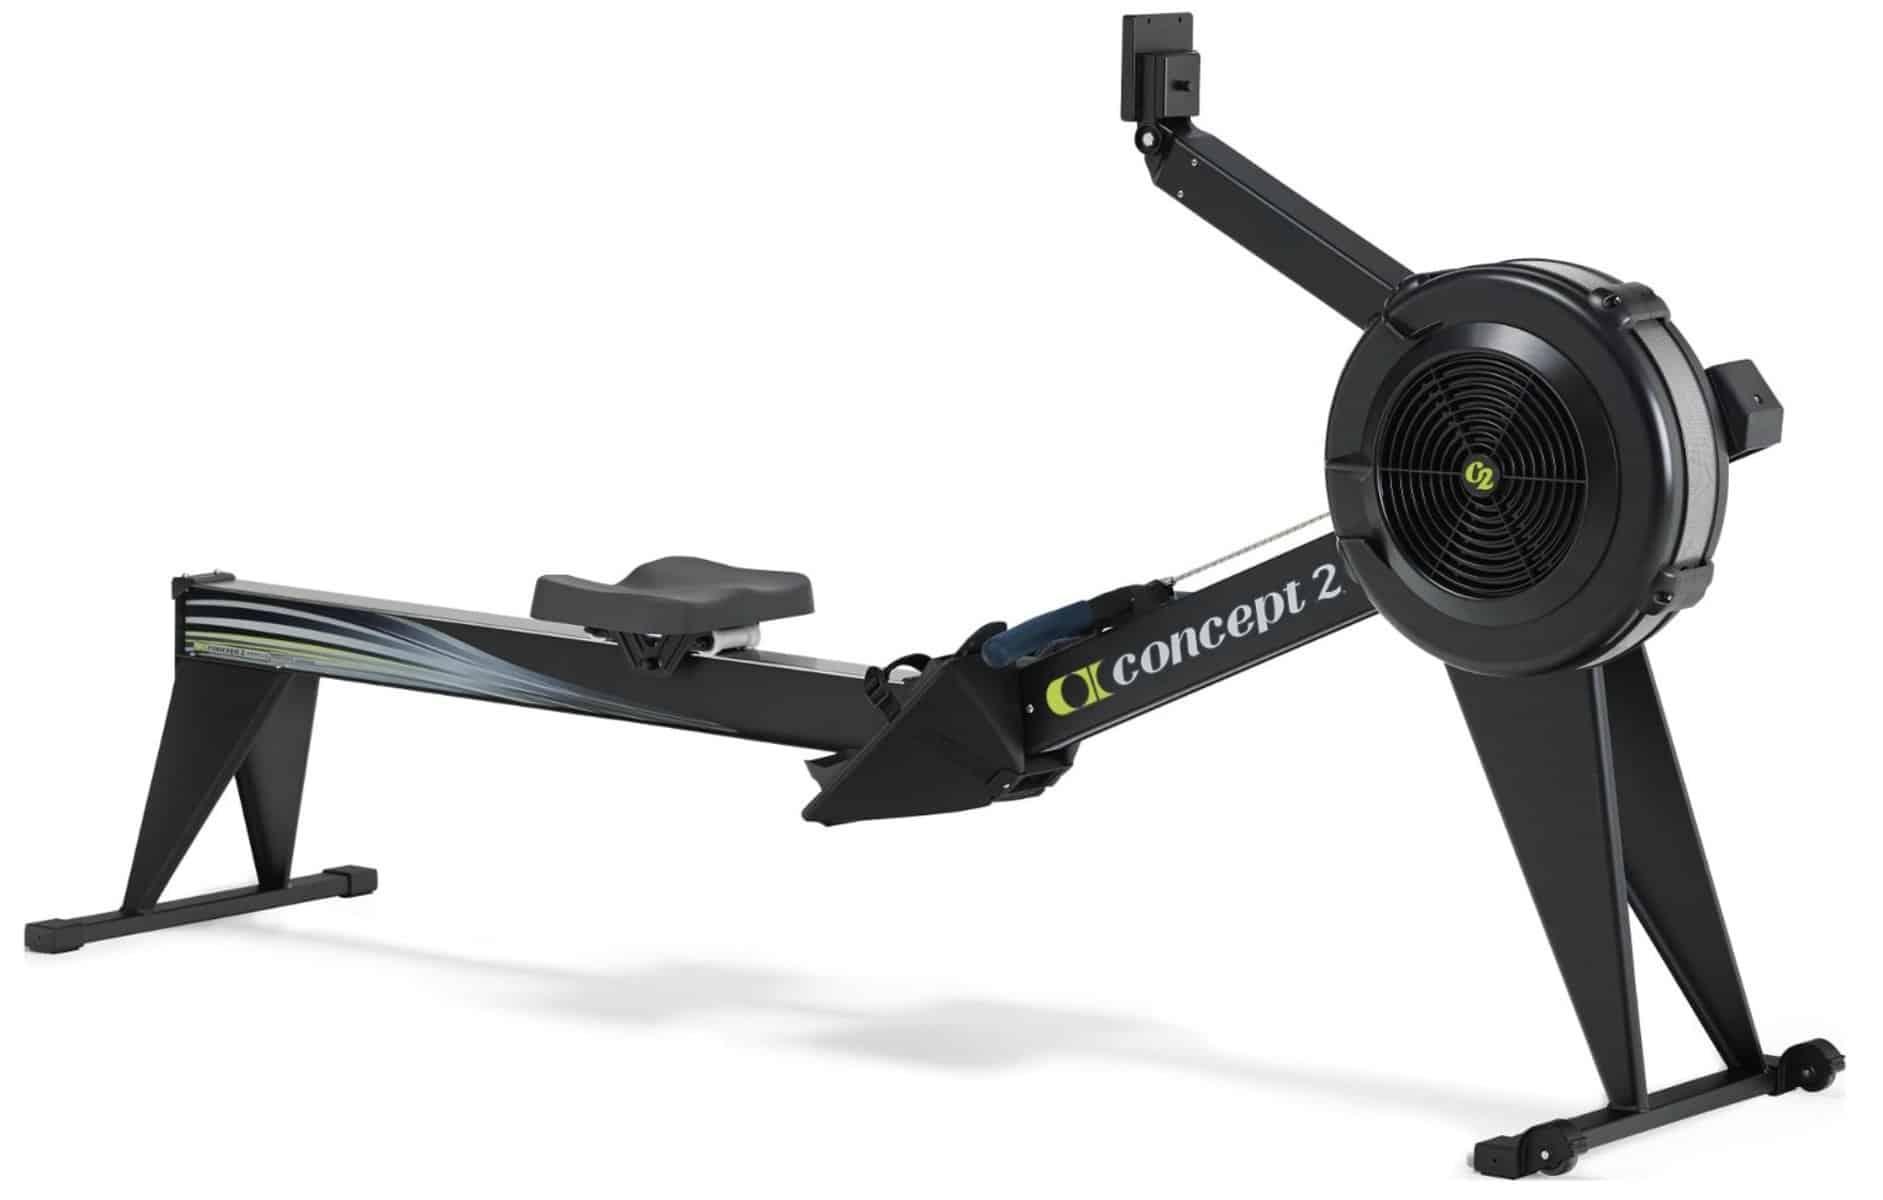 Concept2 Model E Rower Build Quality